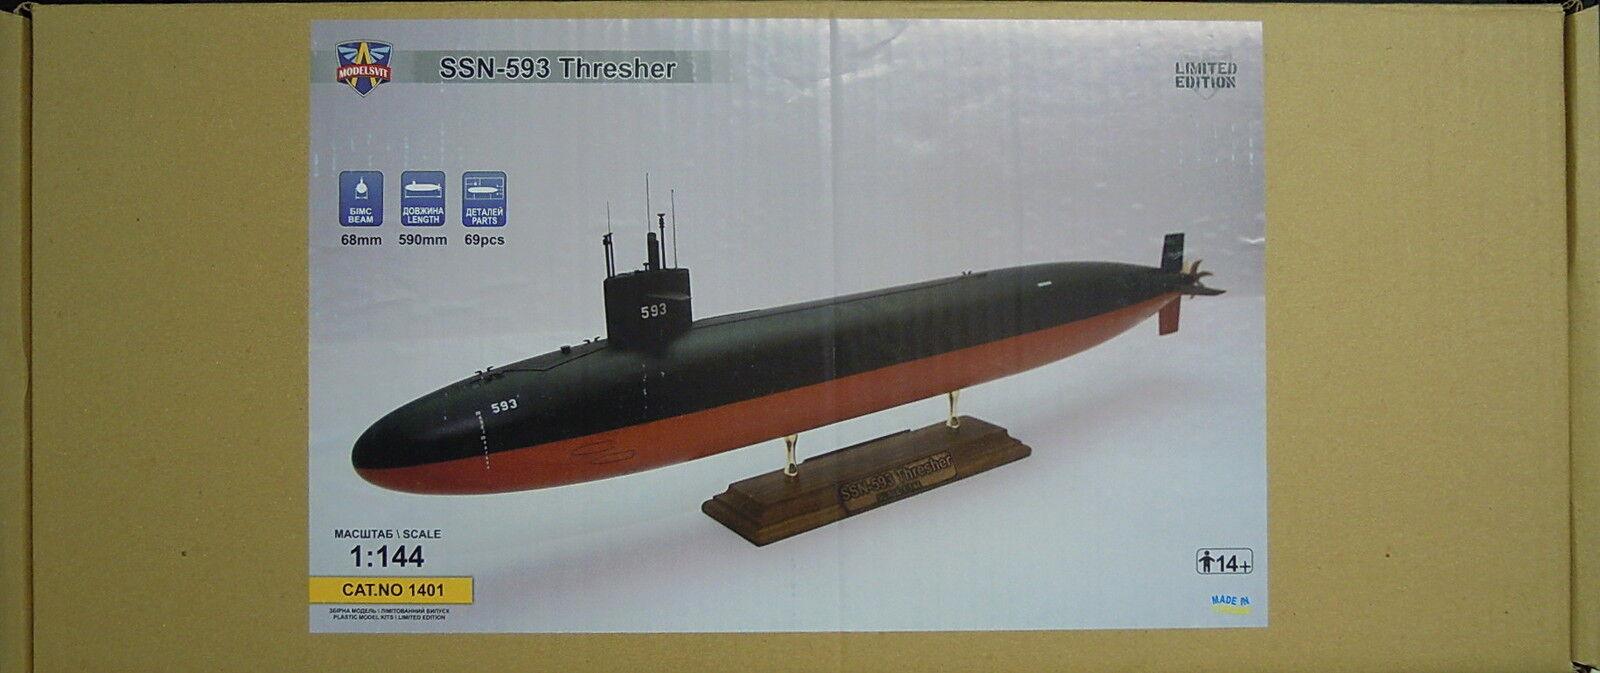 U Boat SSN-593   Thresher  , Modelsvit, 1 144, Plastic, Limited, Novelty